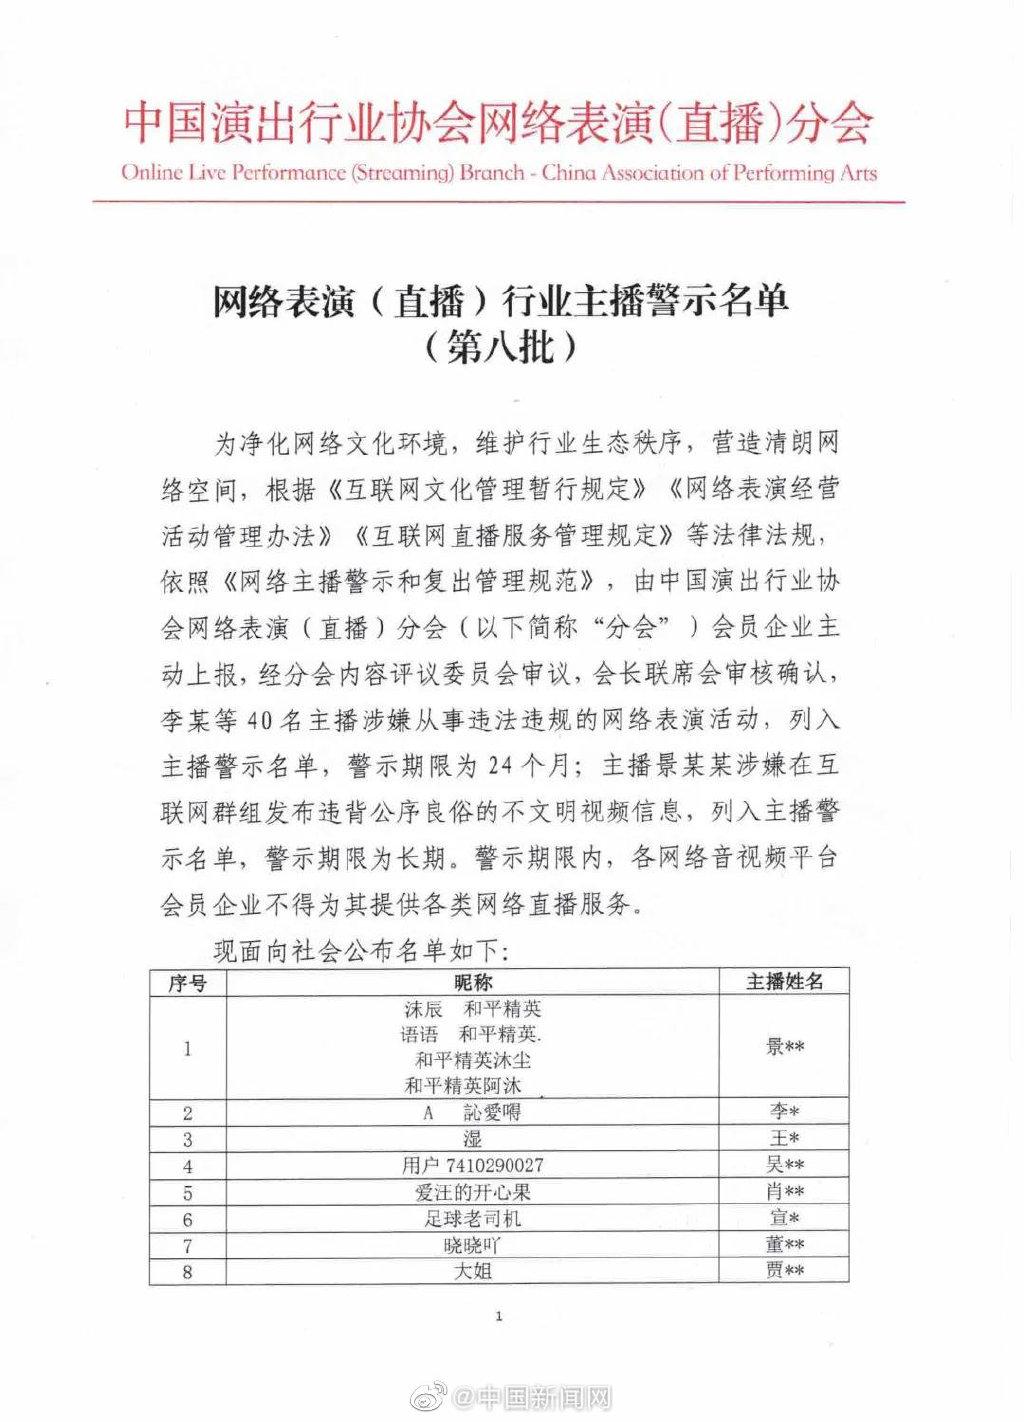 41名主播被列入警示名单